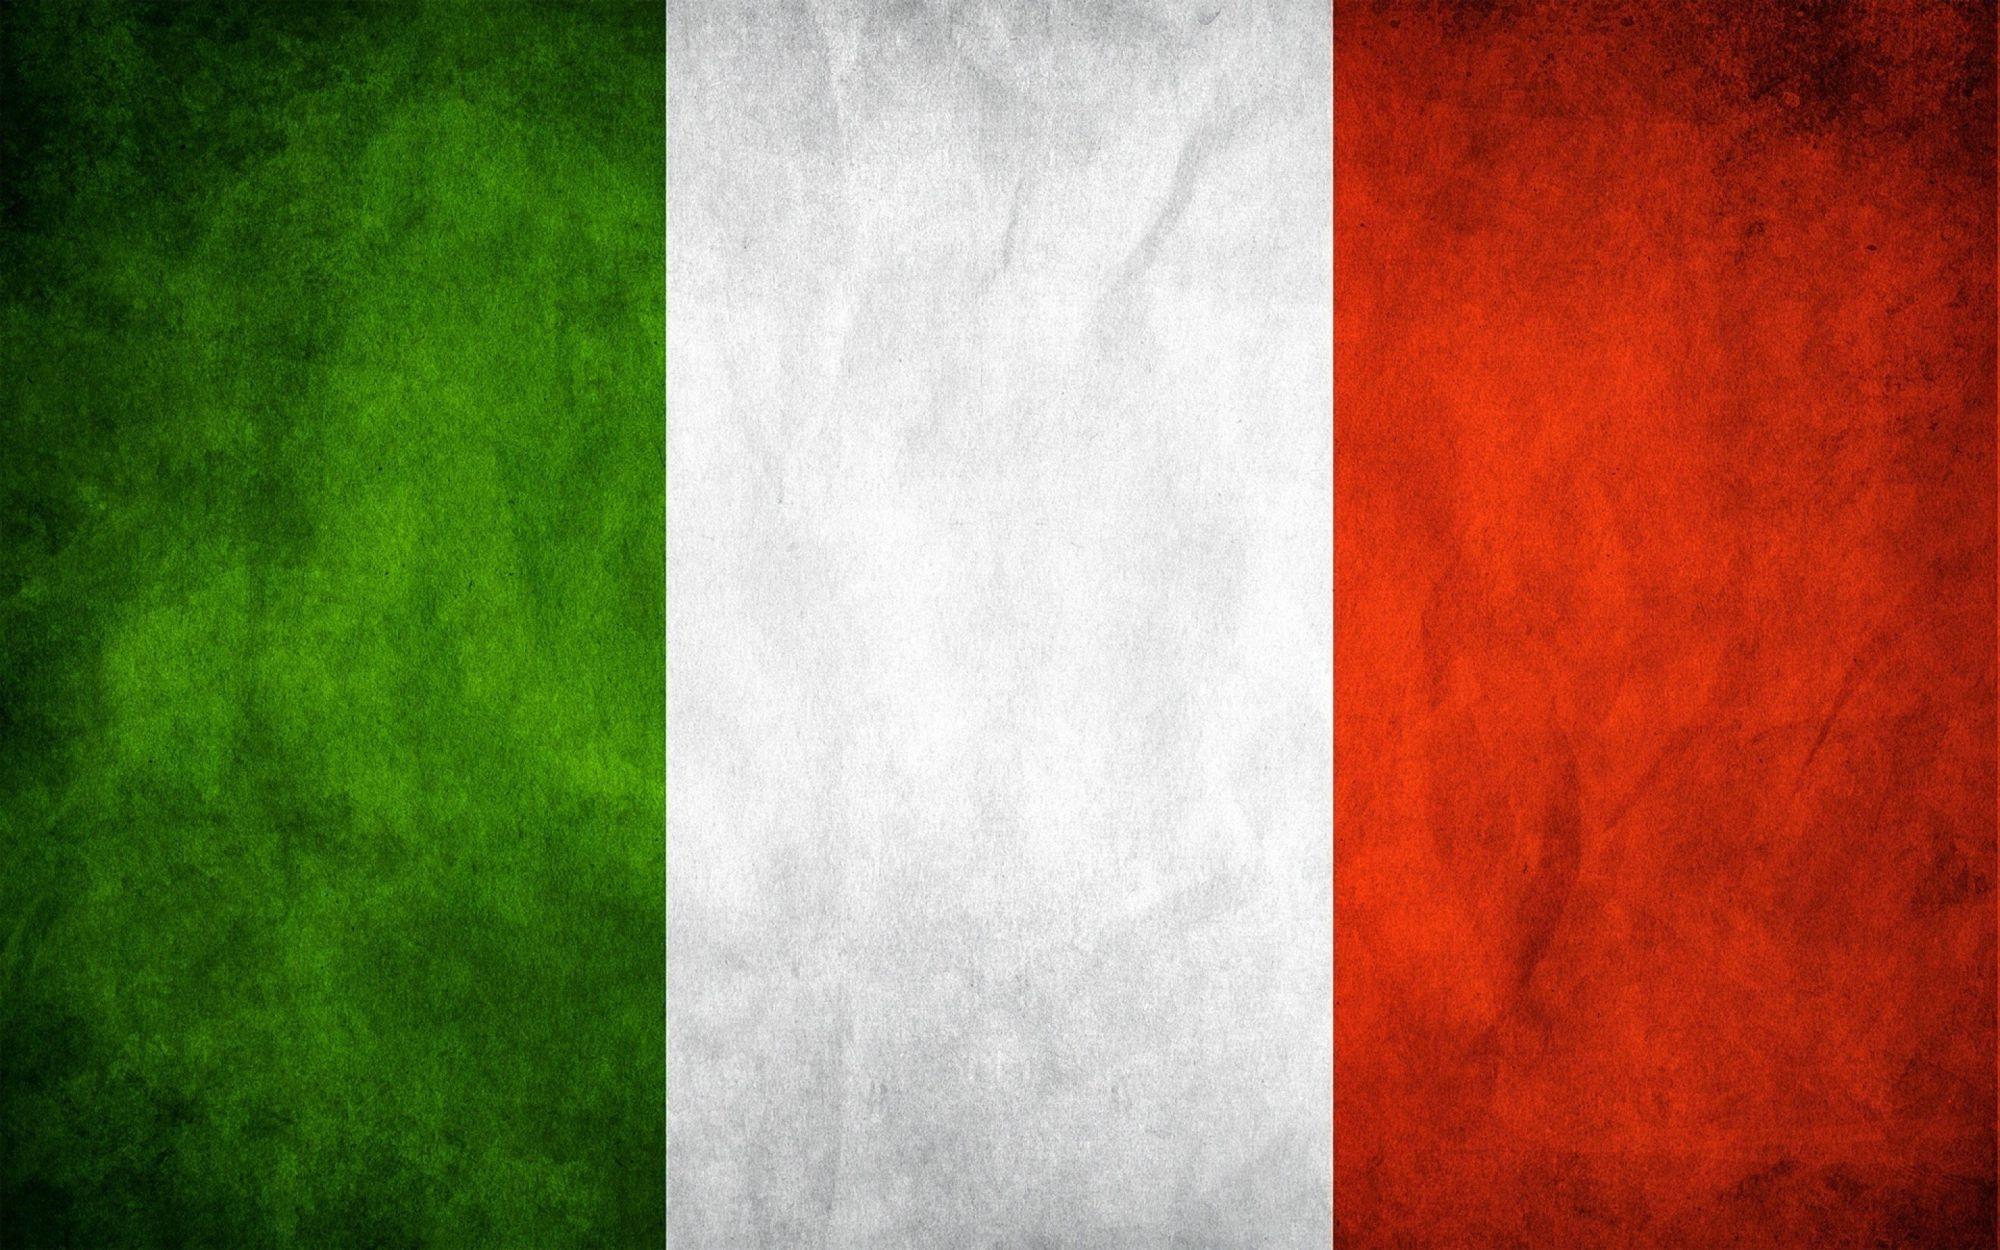 Италия готова жить без российского газа. Но долго ли?